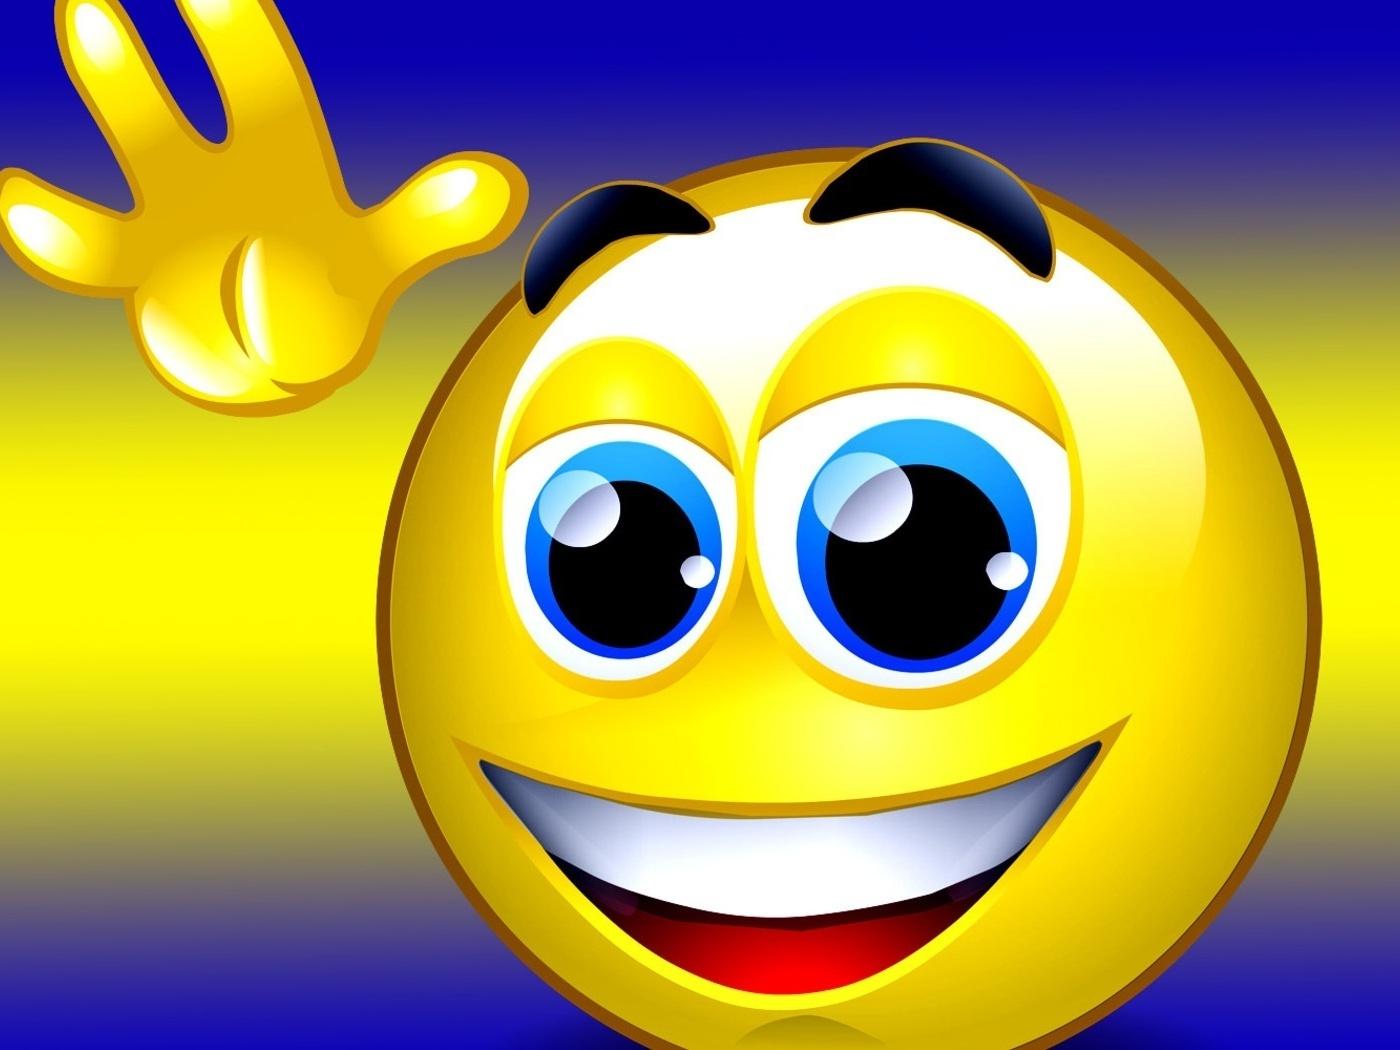 ... скачать, анимированные смайлы - 2 Марта: mastertrud.ucoz.ru/blog/smile_smilies_kliparty_dlja_prezentacij...